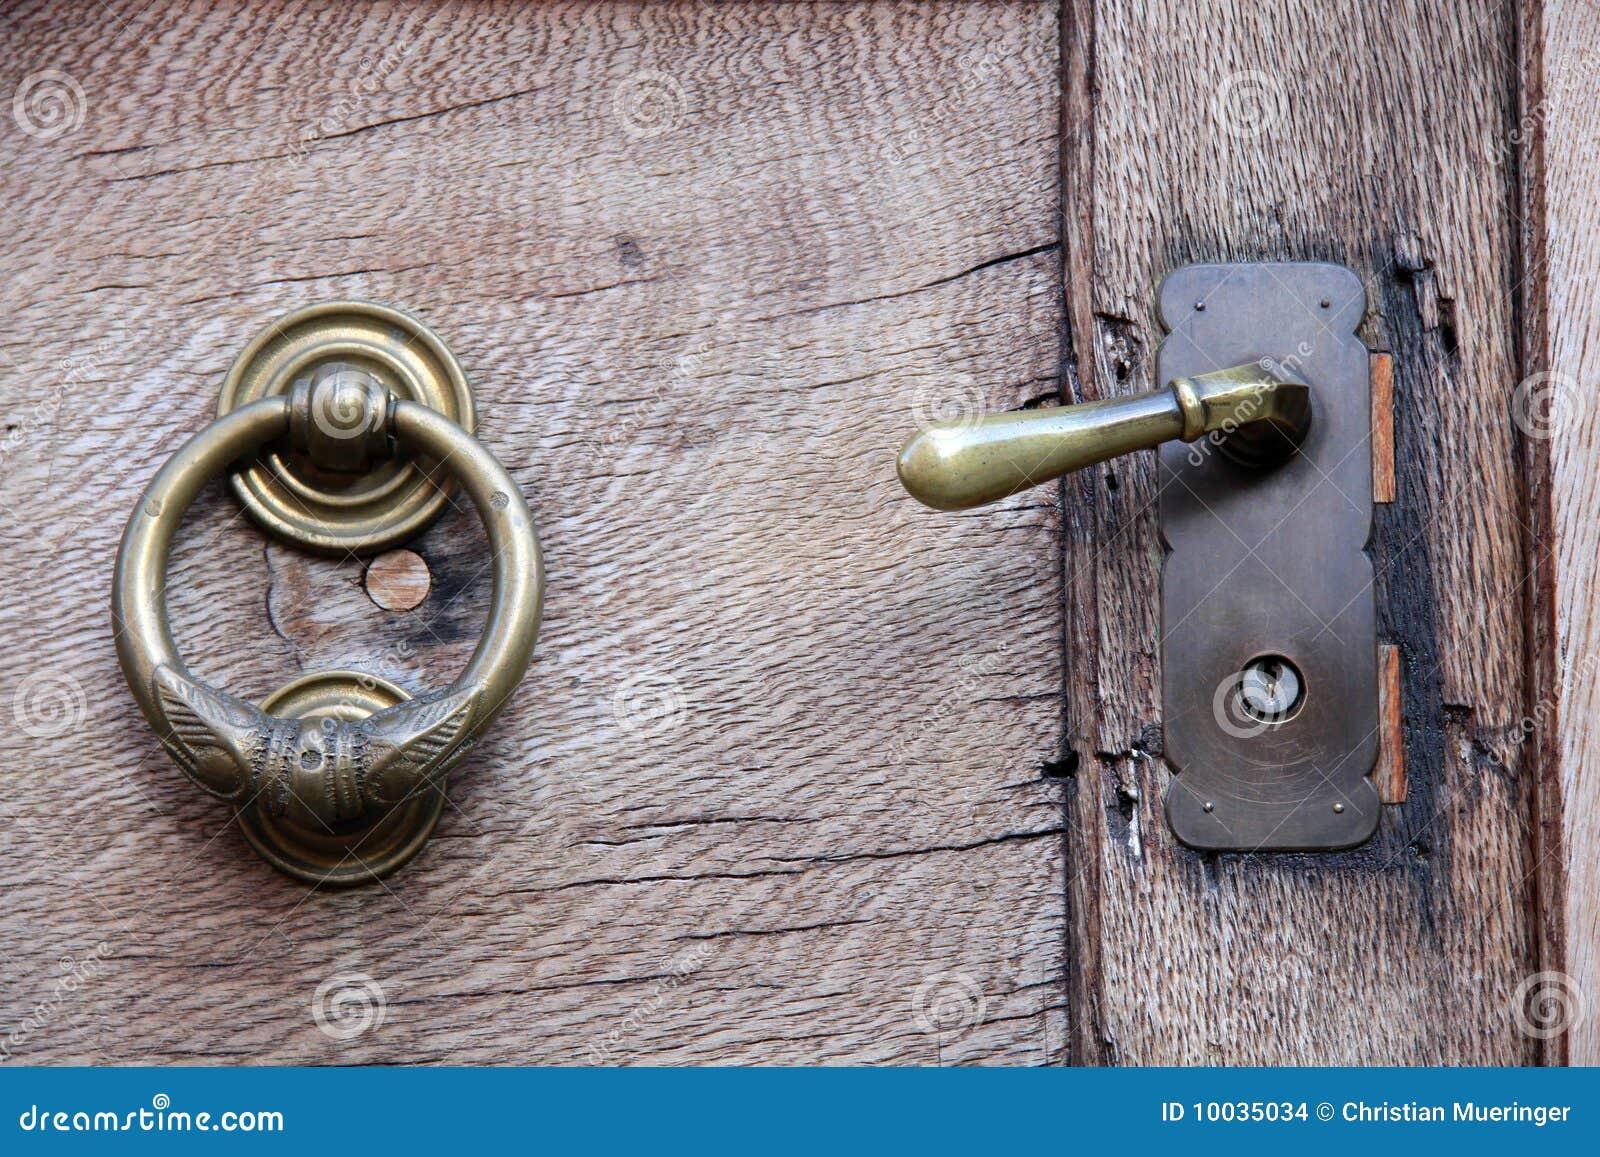 Tirador y golpeador en puerta de madera vieja